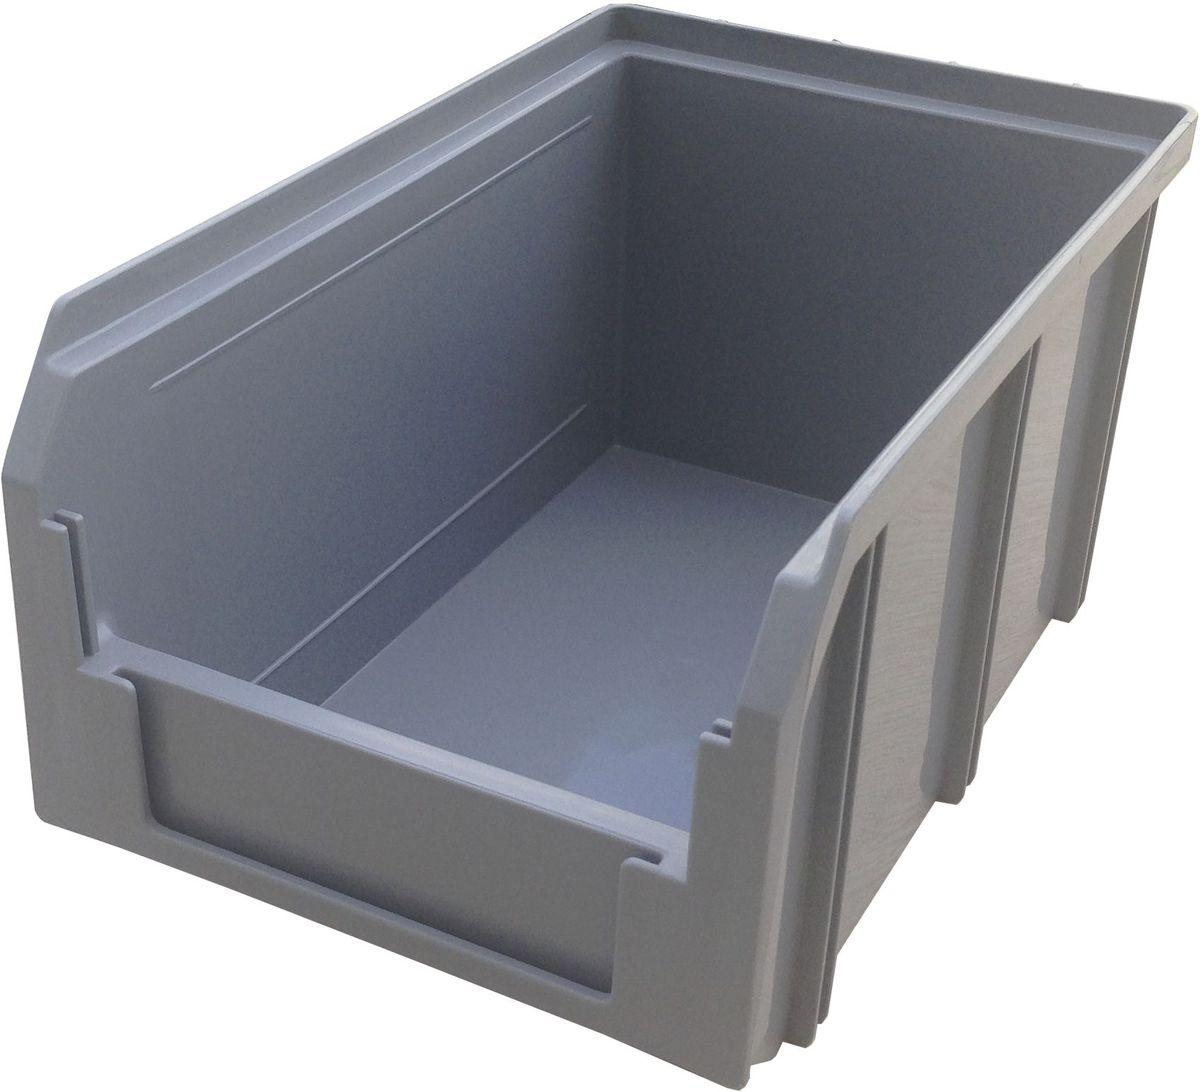 Ящик пластиковый Стелла V-2, цвет: серый, 12,1 х 14,9 х 23,4 смSVC-300Пластиковый ящик V-2 (234 х 149 х 121 мм) применяется на складах для организации мест хранения для различных мелочей, например: деталей, заготовок, комплектующих, крепежа, запчастей и многого другого. Ящик отличается высоким уровнем износостойкости, он полностью выполнен из ударопрочного материала - полипропилена. Для быстрой идентификации нужного ящика в передней стенке предусмотрен карман для ярлыка с описанием содержимого.Вес, кг: 0,30. Габариты, мм: 234 x 149 x 121. Объем 3,8 л. Возможность штабелирования контейнеров друг на друга. Удобные рукоятки. Наличие зацепа для размещения на стойке.